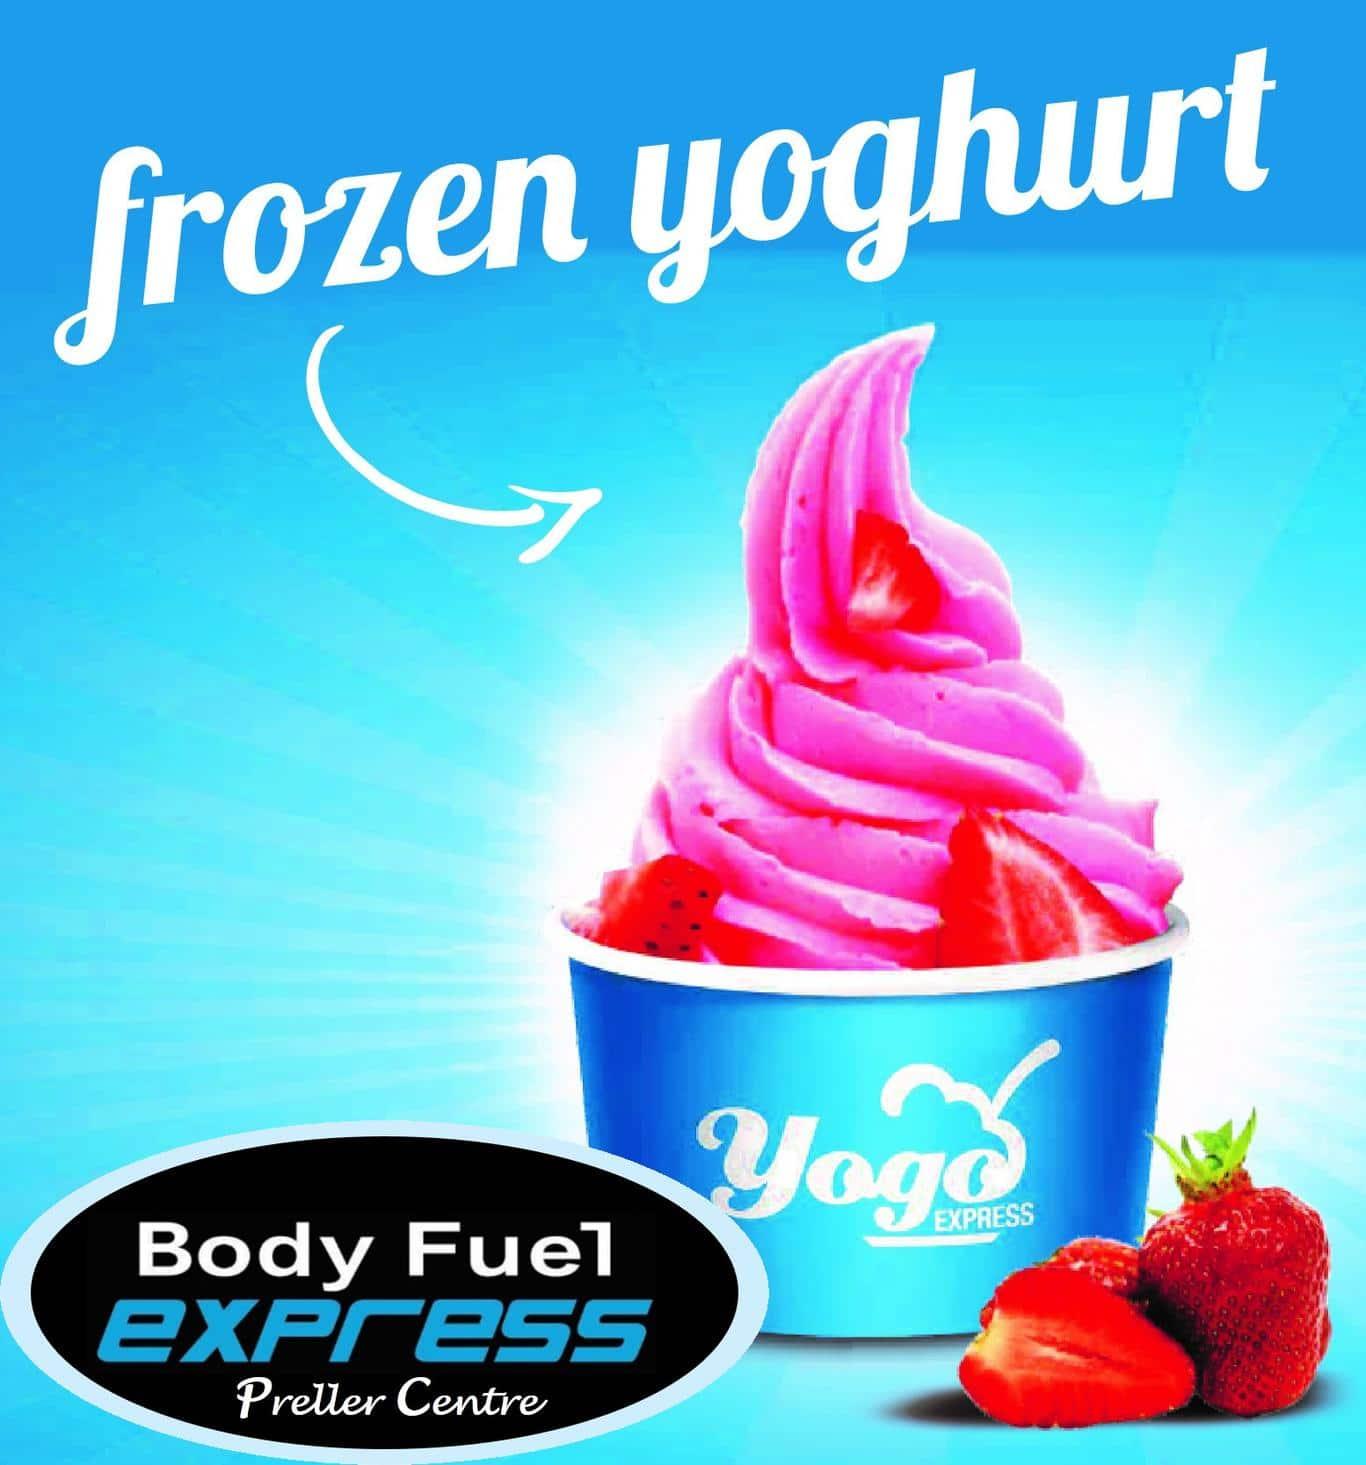 Body Fuel Frozen Yogurt